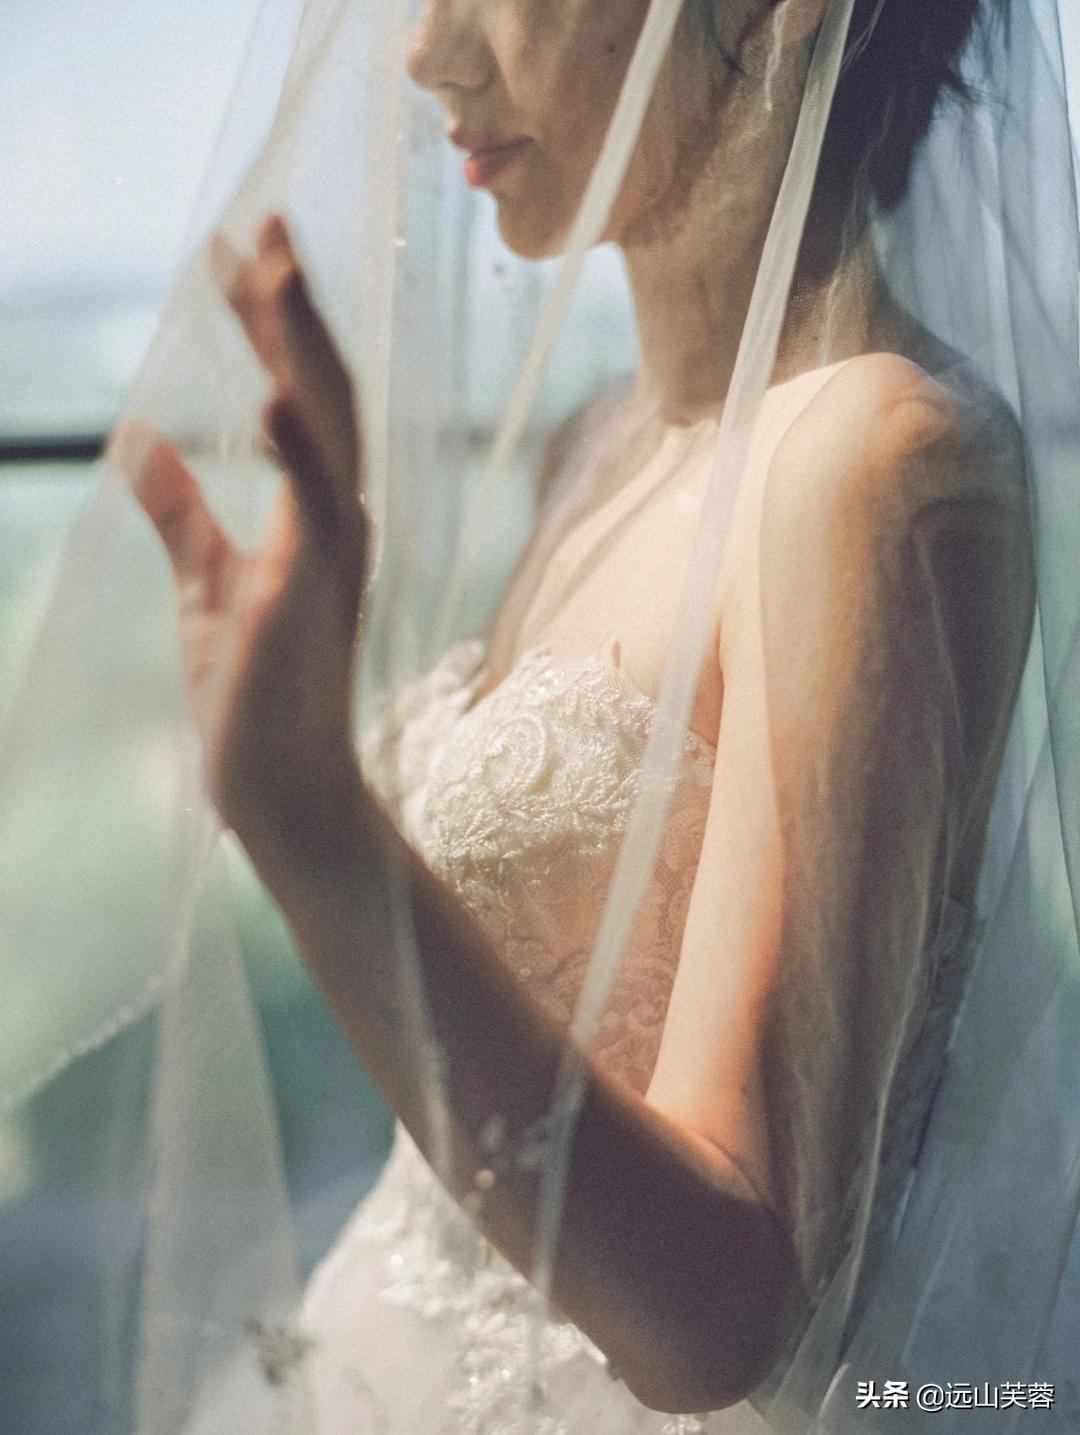 女性穿上婚纱的时候最美-5.jpg